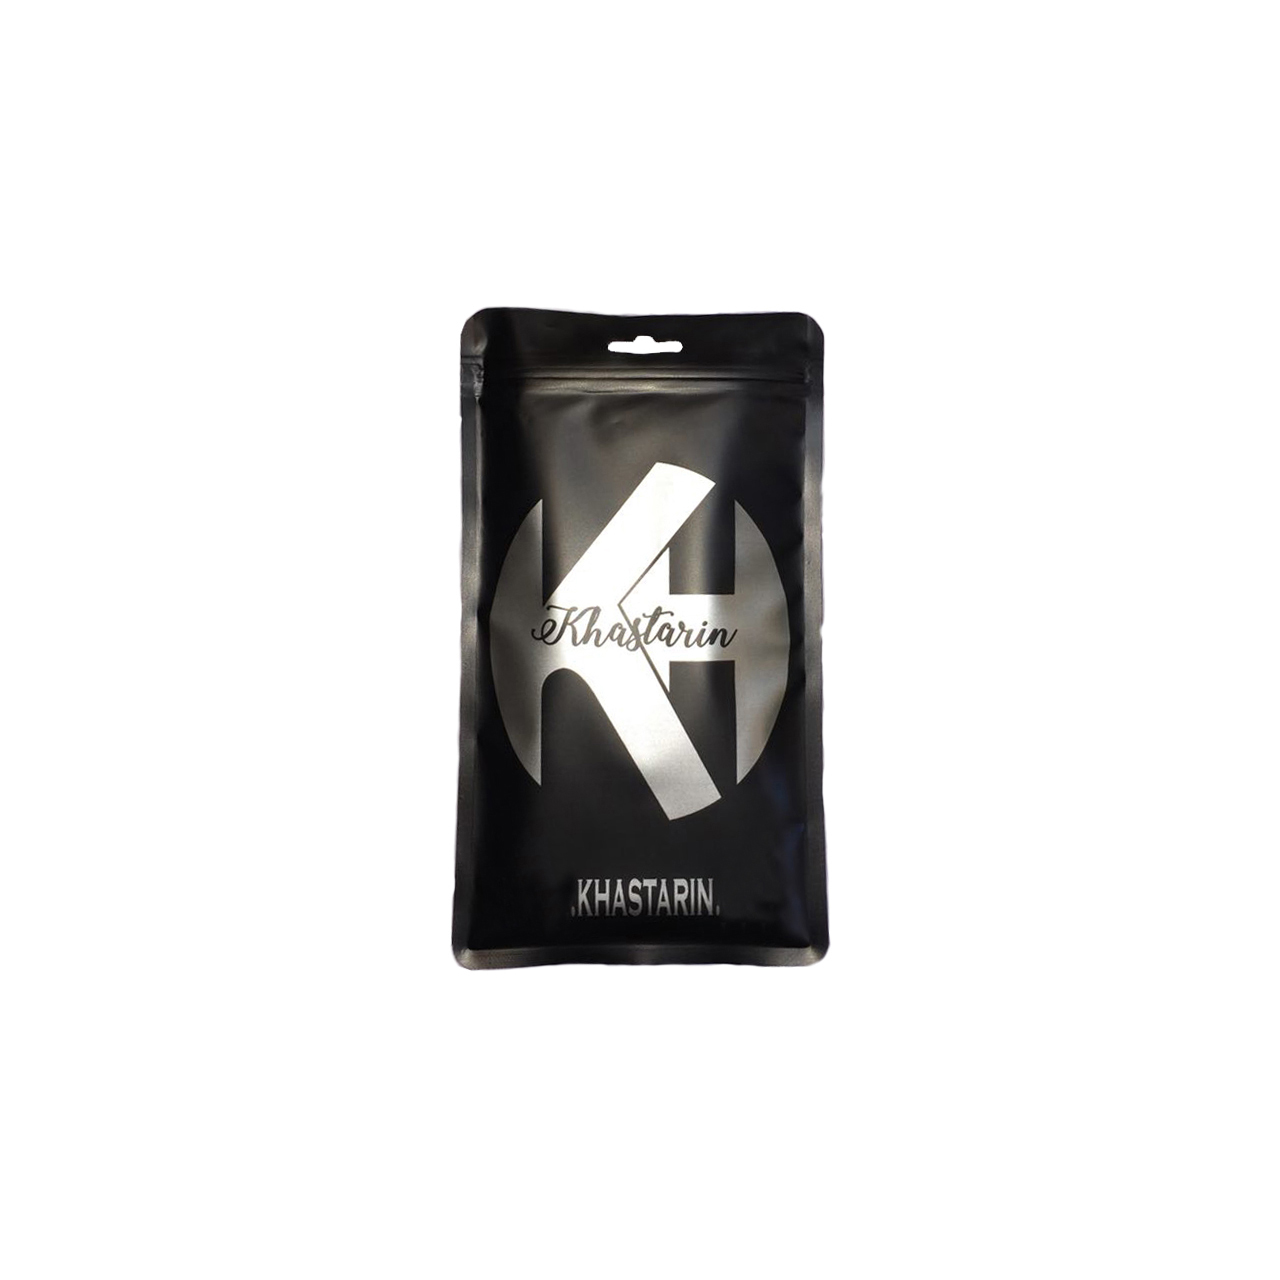 کاور کی اچ کد 1456 مناسب برای گوشی موبایل ال جی Q6 Plus thumb 2 2